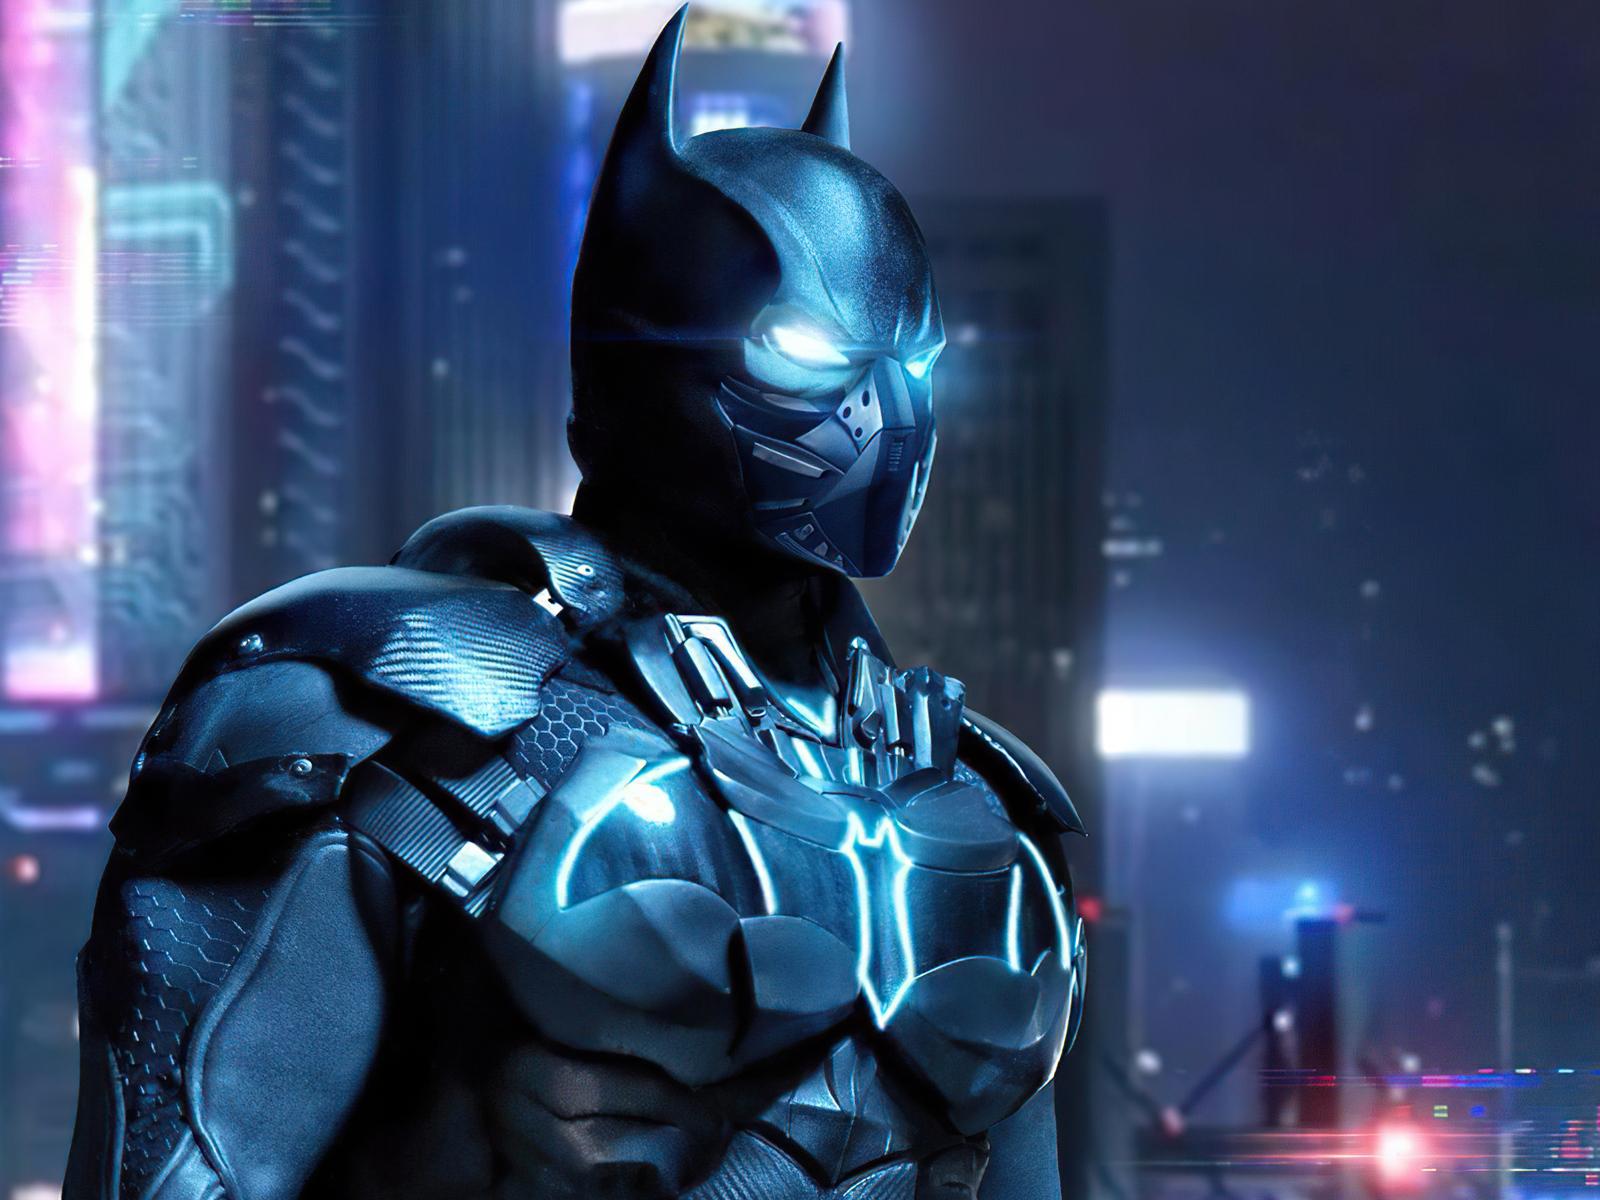 batman-cyber-suit-5k-ev.jpg